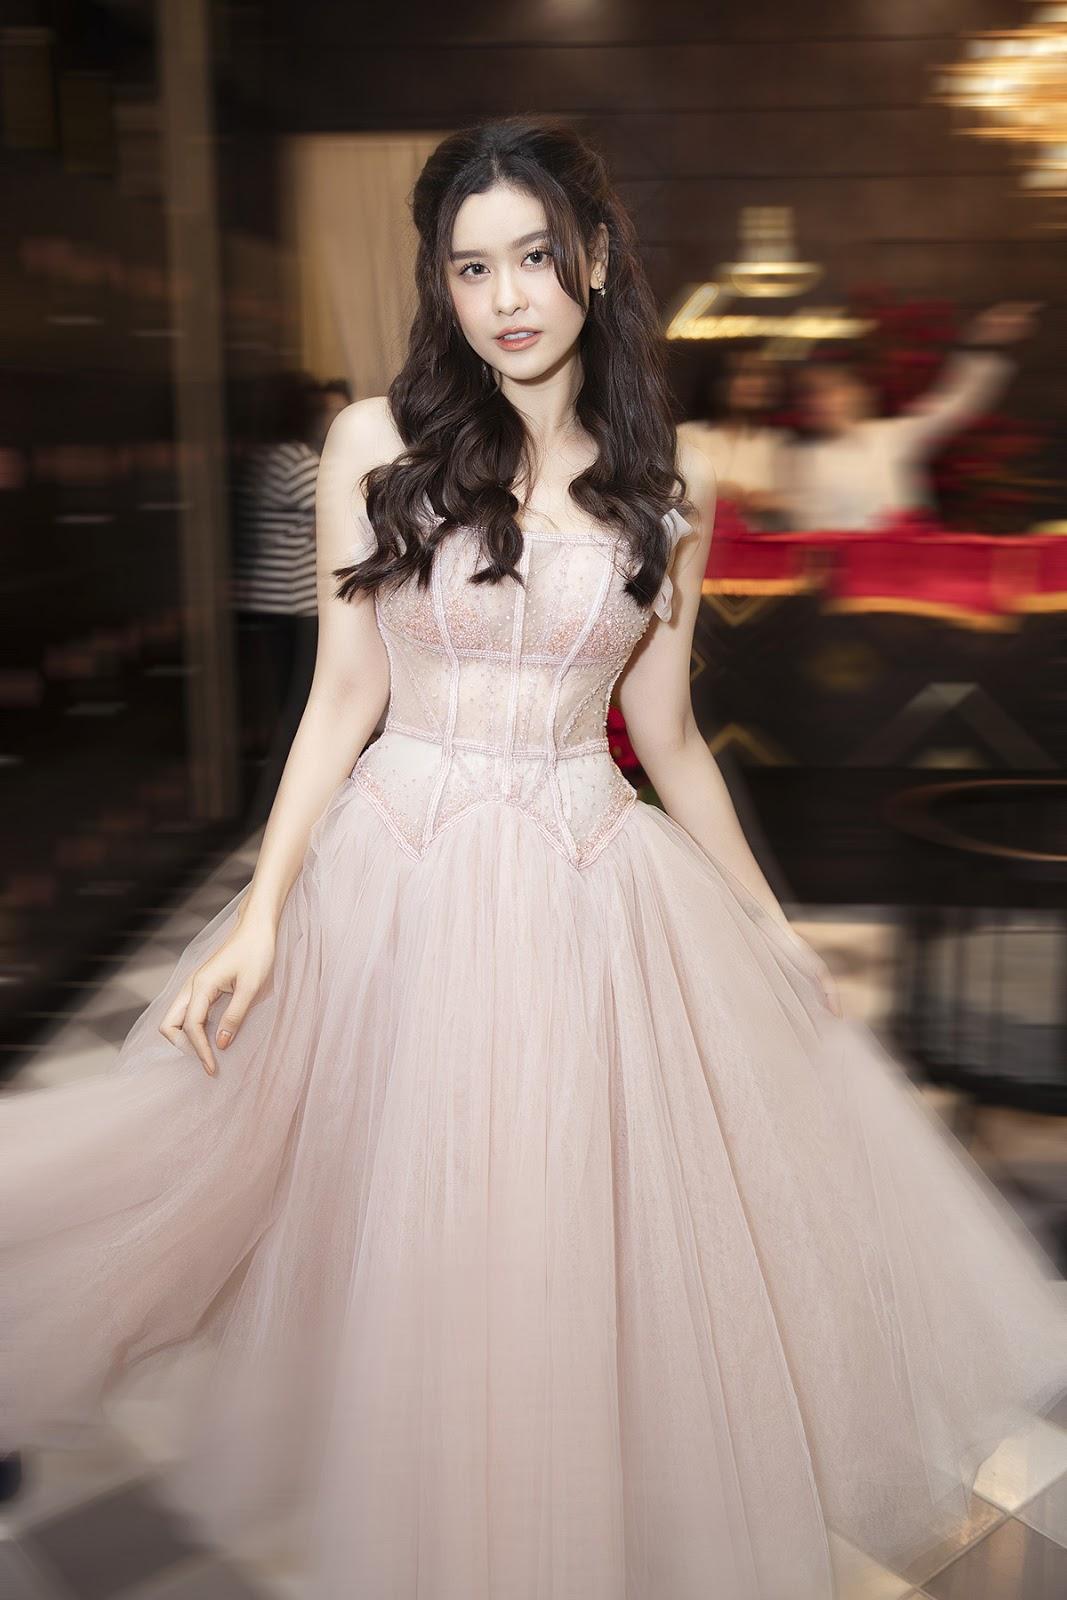 Trương Quỳnh Anh rạng rỡ, khoe vẻ đẹp không tuổi tại sự kiện - Hình 6